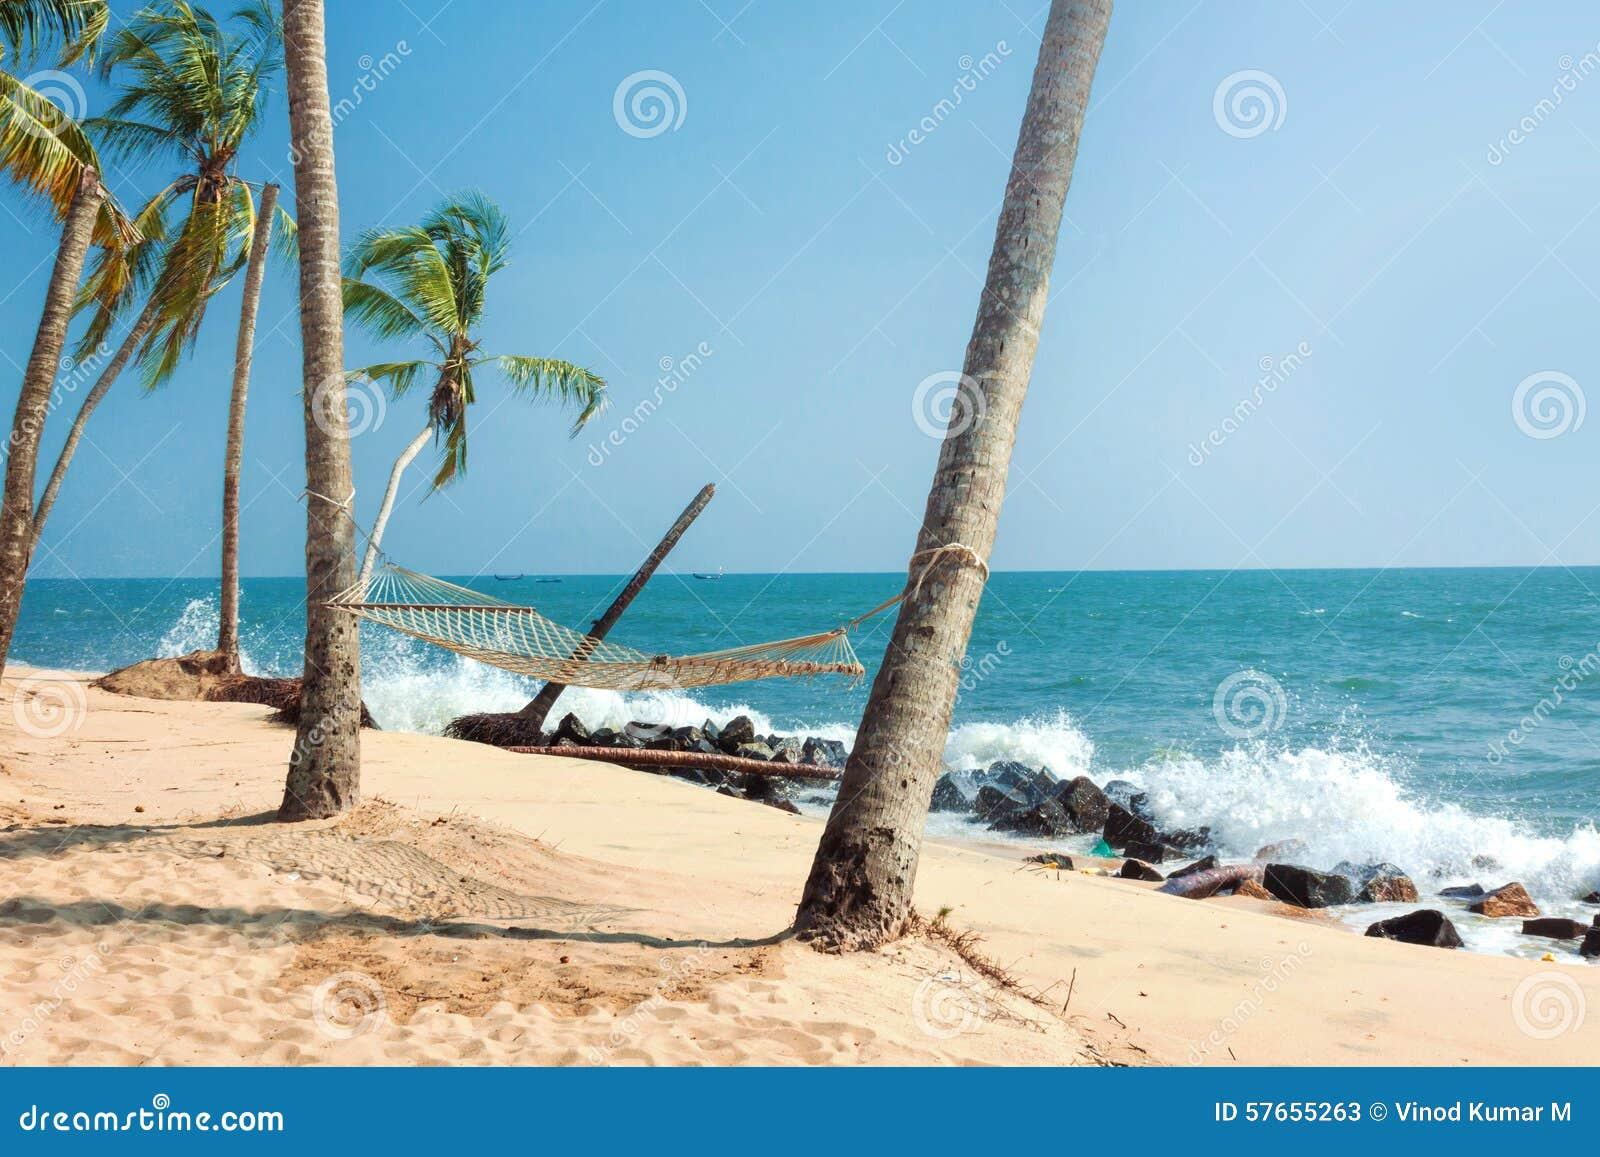 Tropikalny plażowy hamak